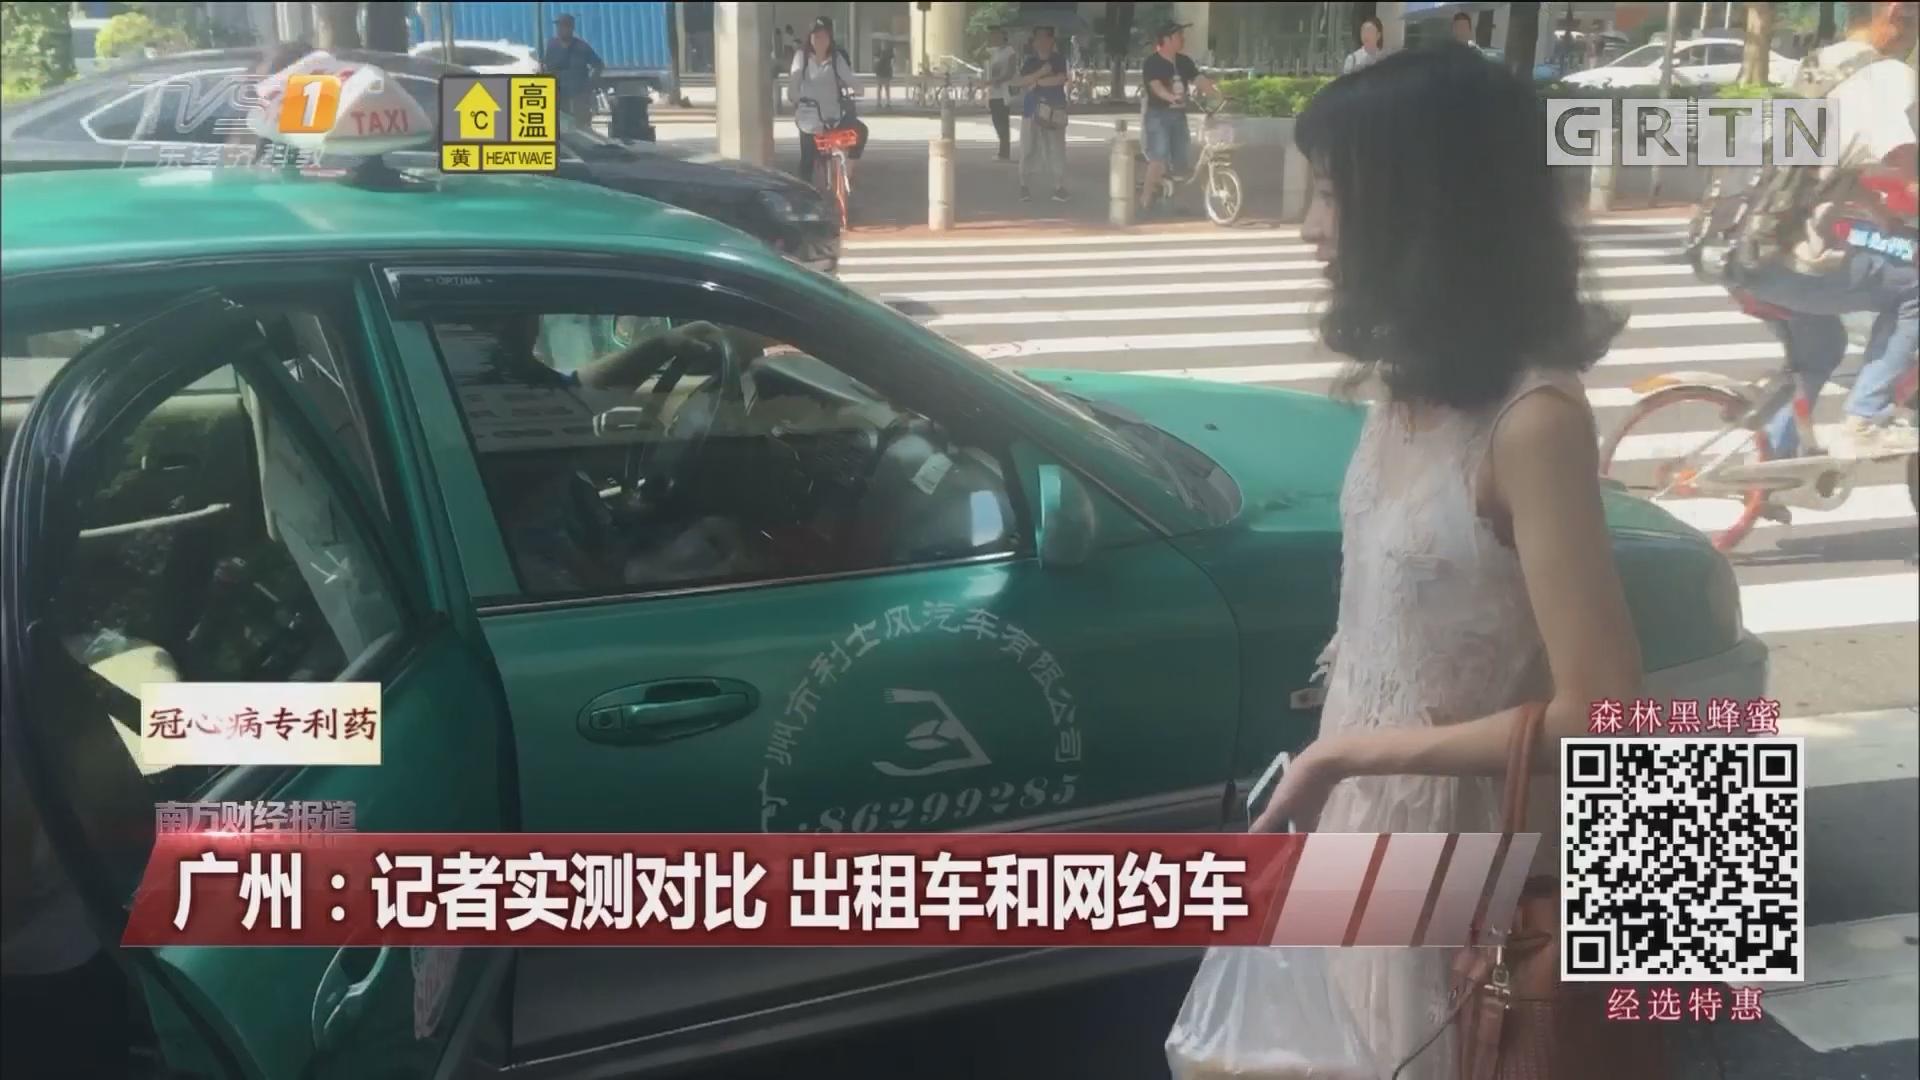 广州:记者实测对比 出租车和网约车